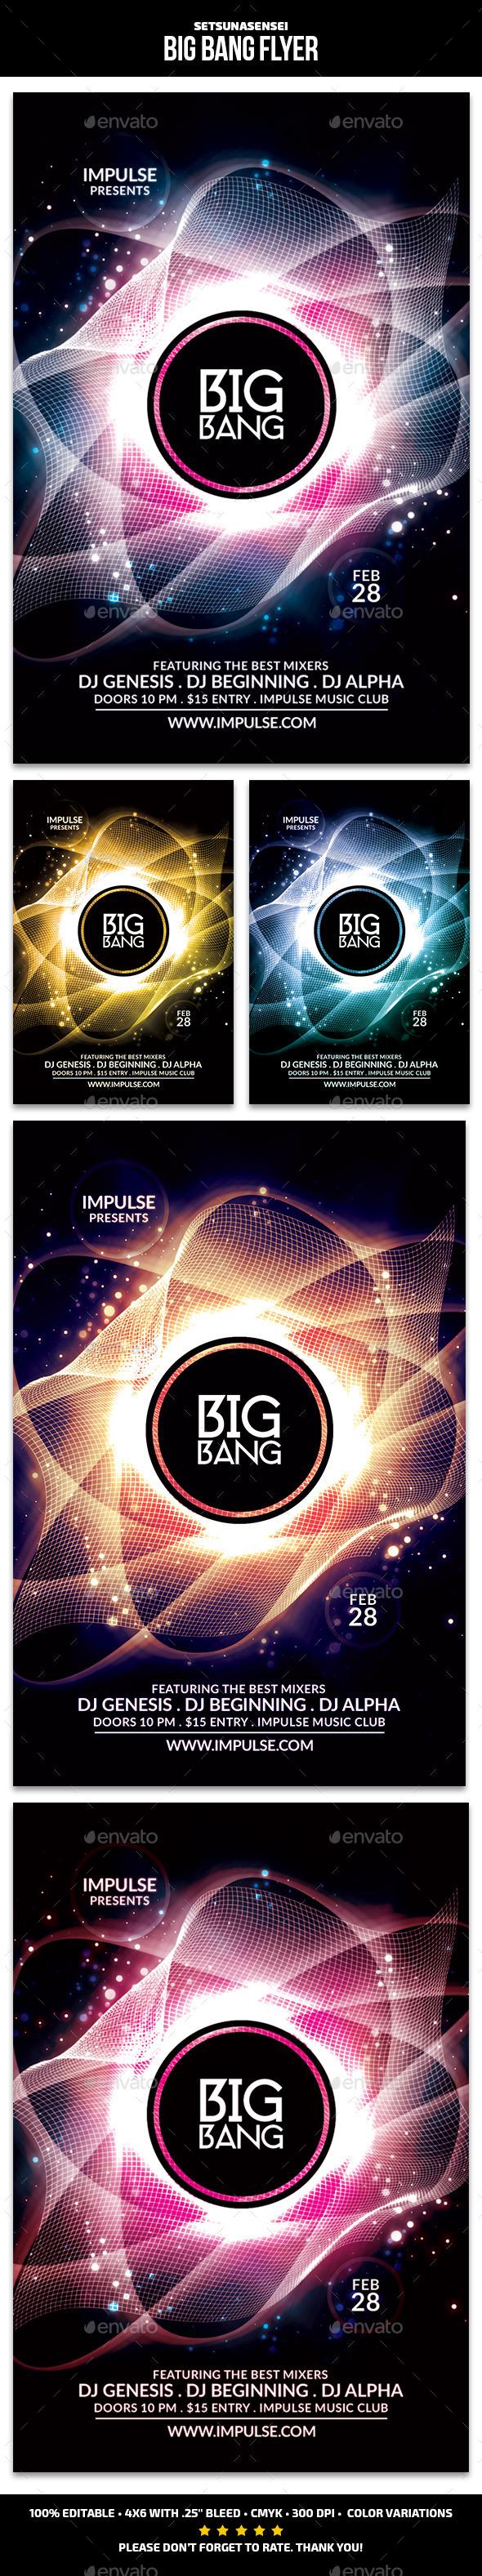 Big Bang Flyer - Clubs & Parties Events